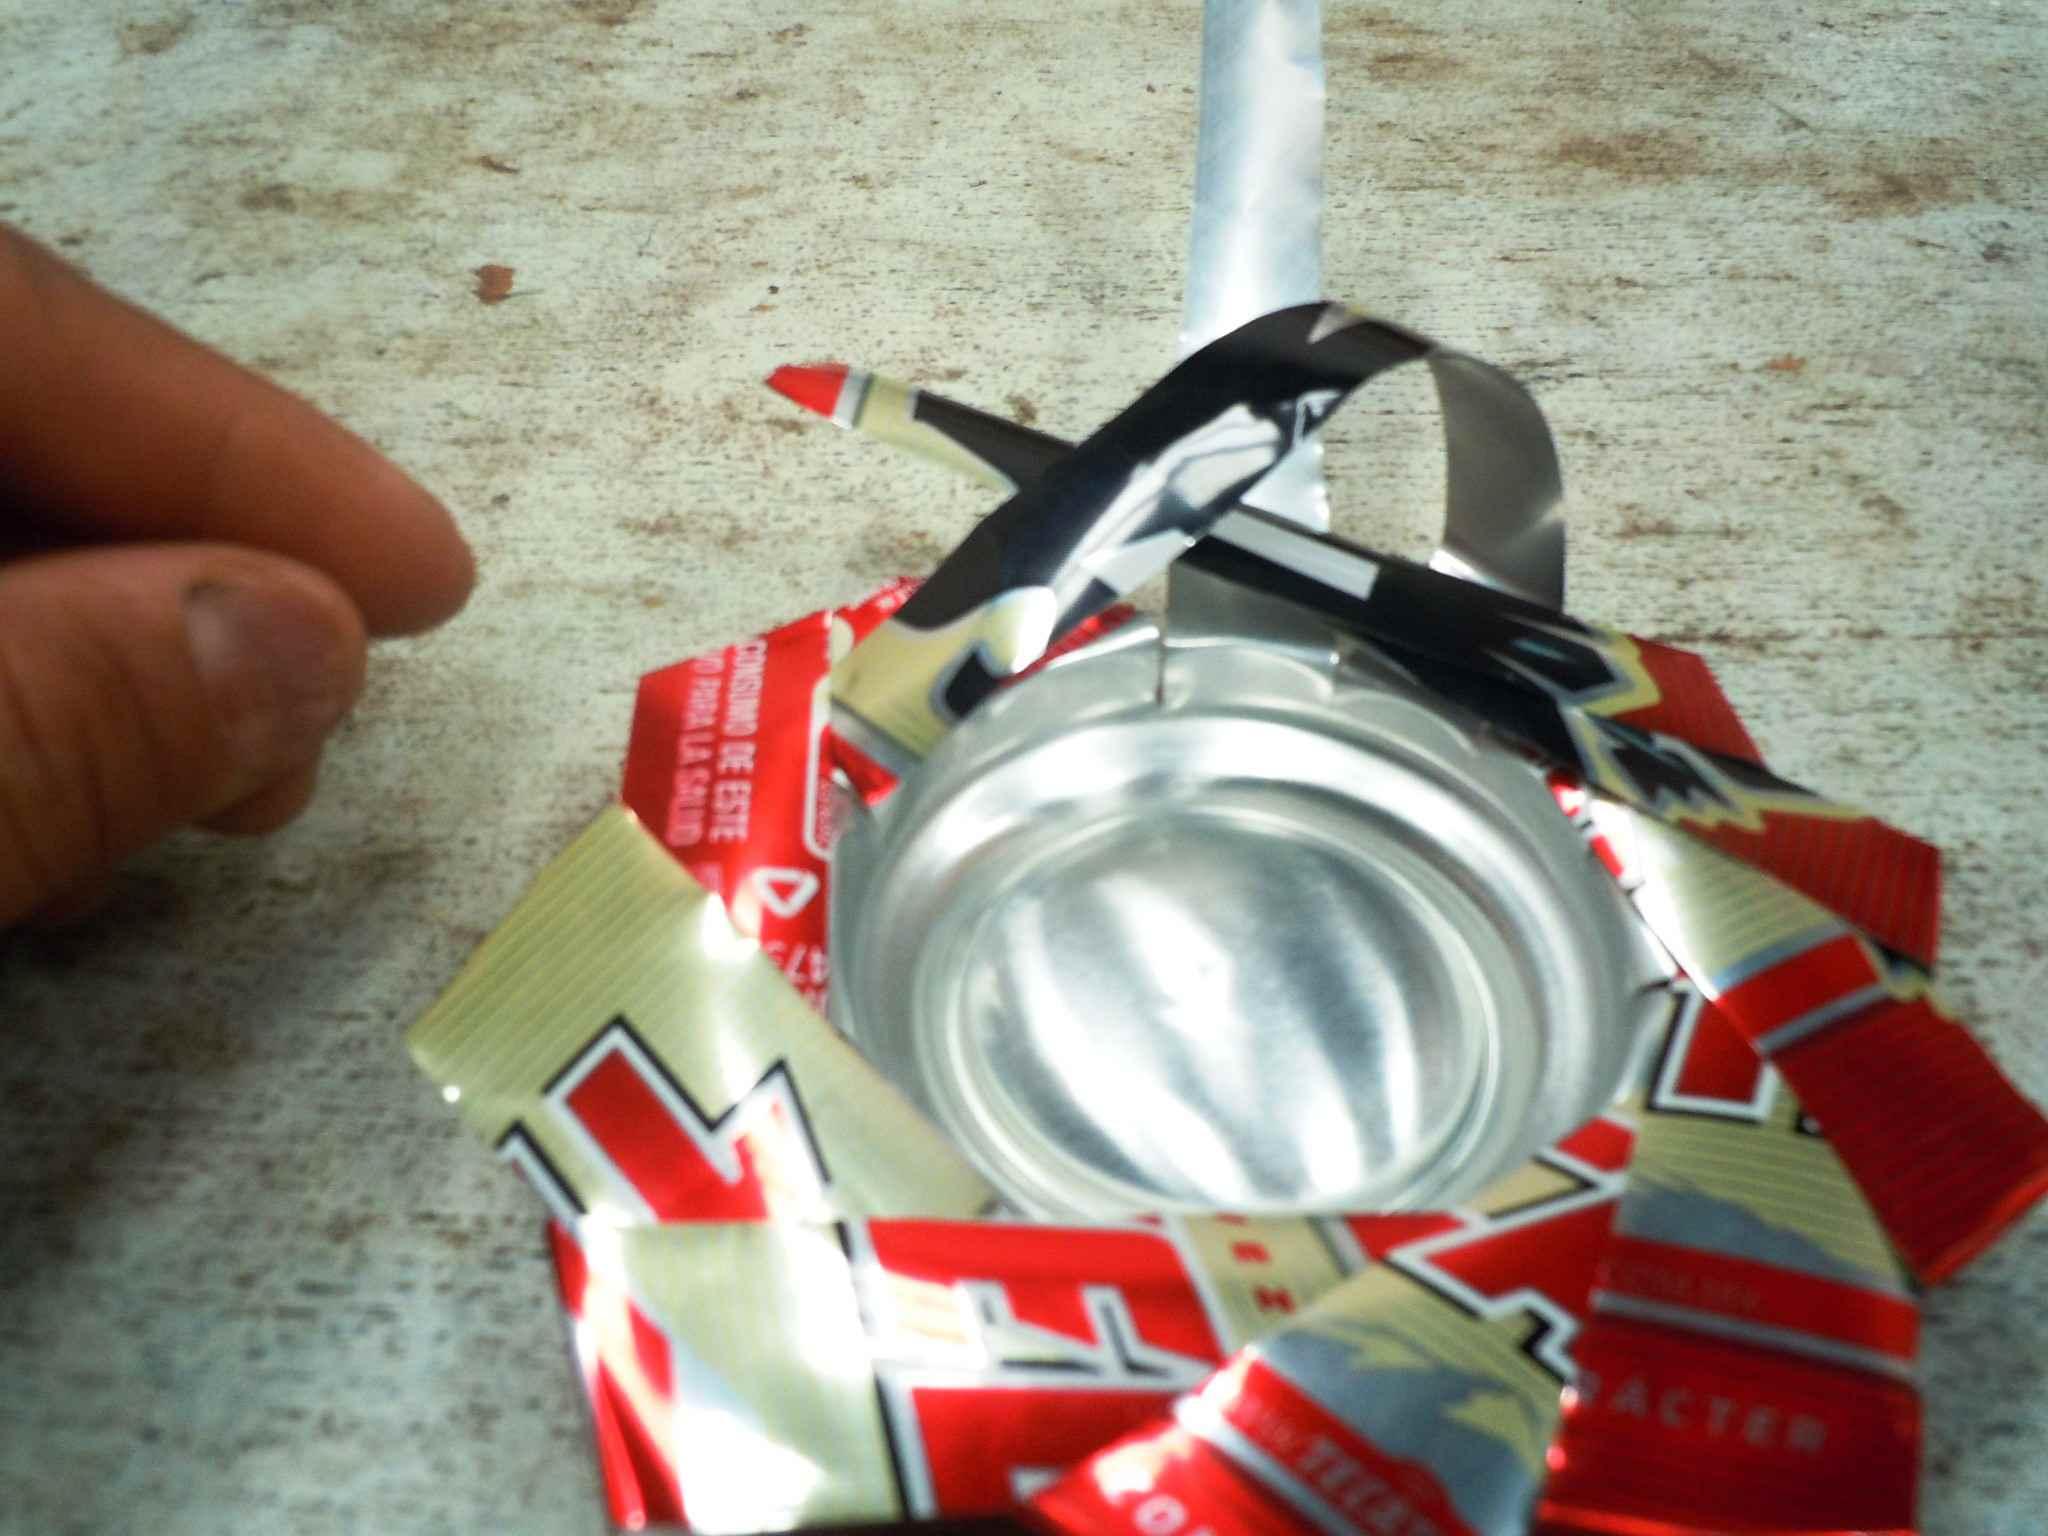 Teje las últimas tres tiras de la lata.